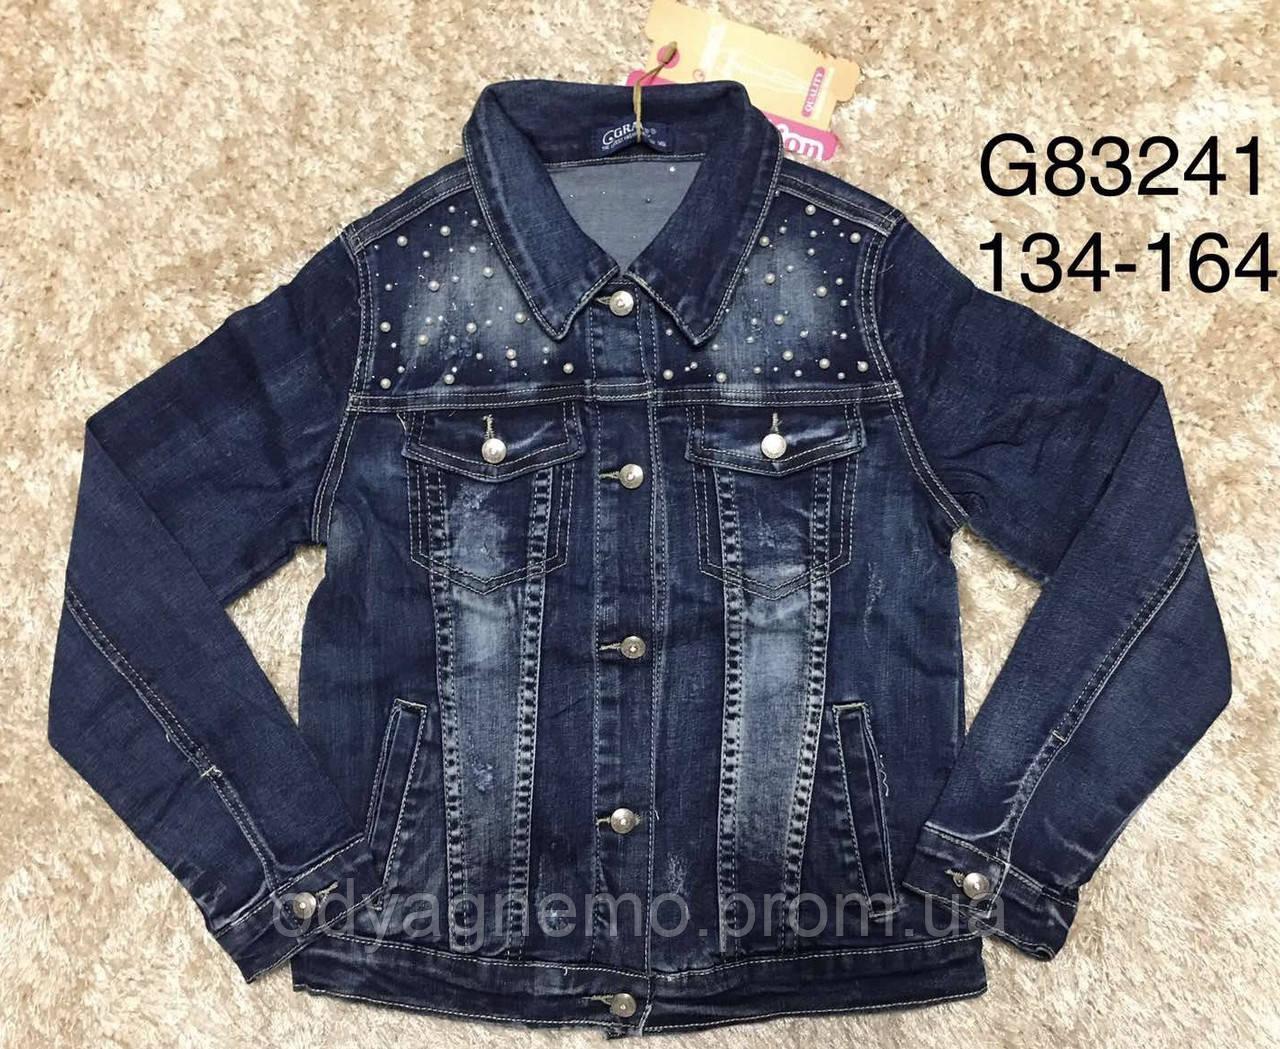 Джинсовая курточка для девочек Grace ,  134-164 рр.  Артикул: G83241